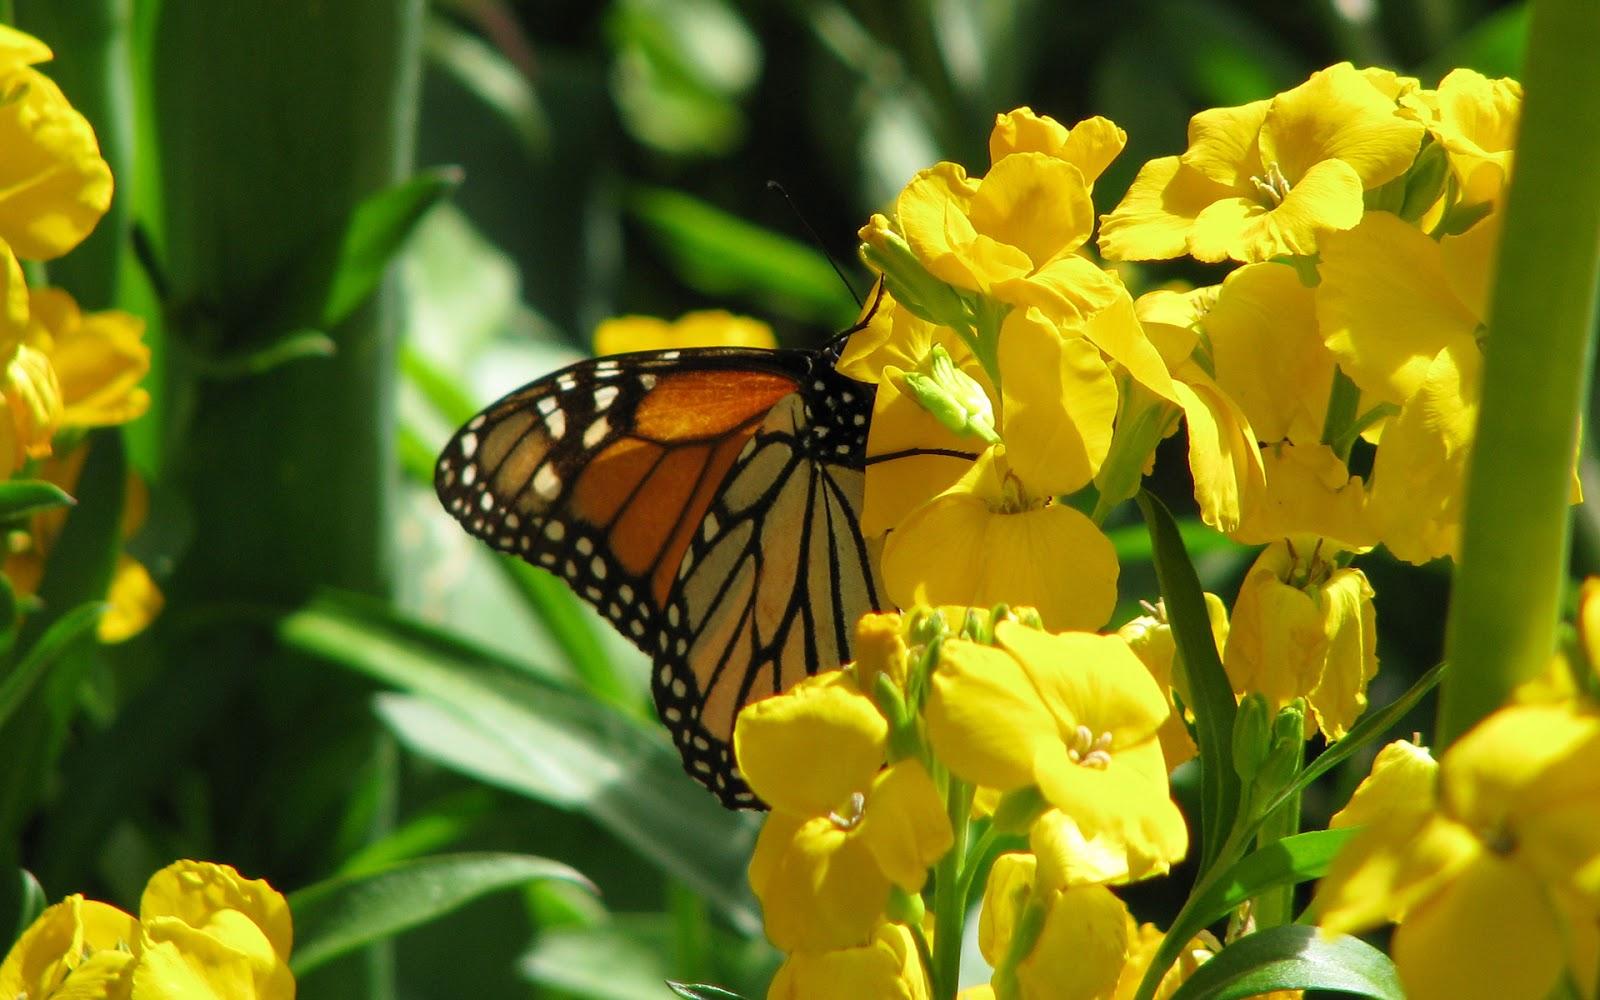 Wallpaper met een vlinder en gele bloemen.